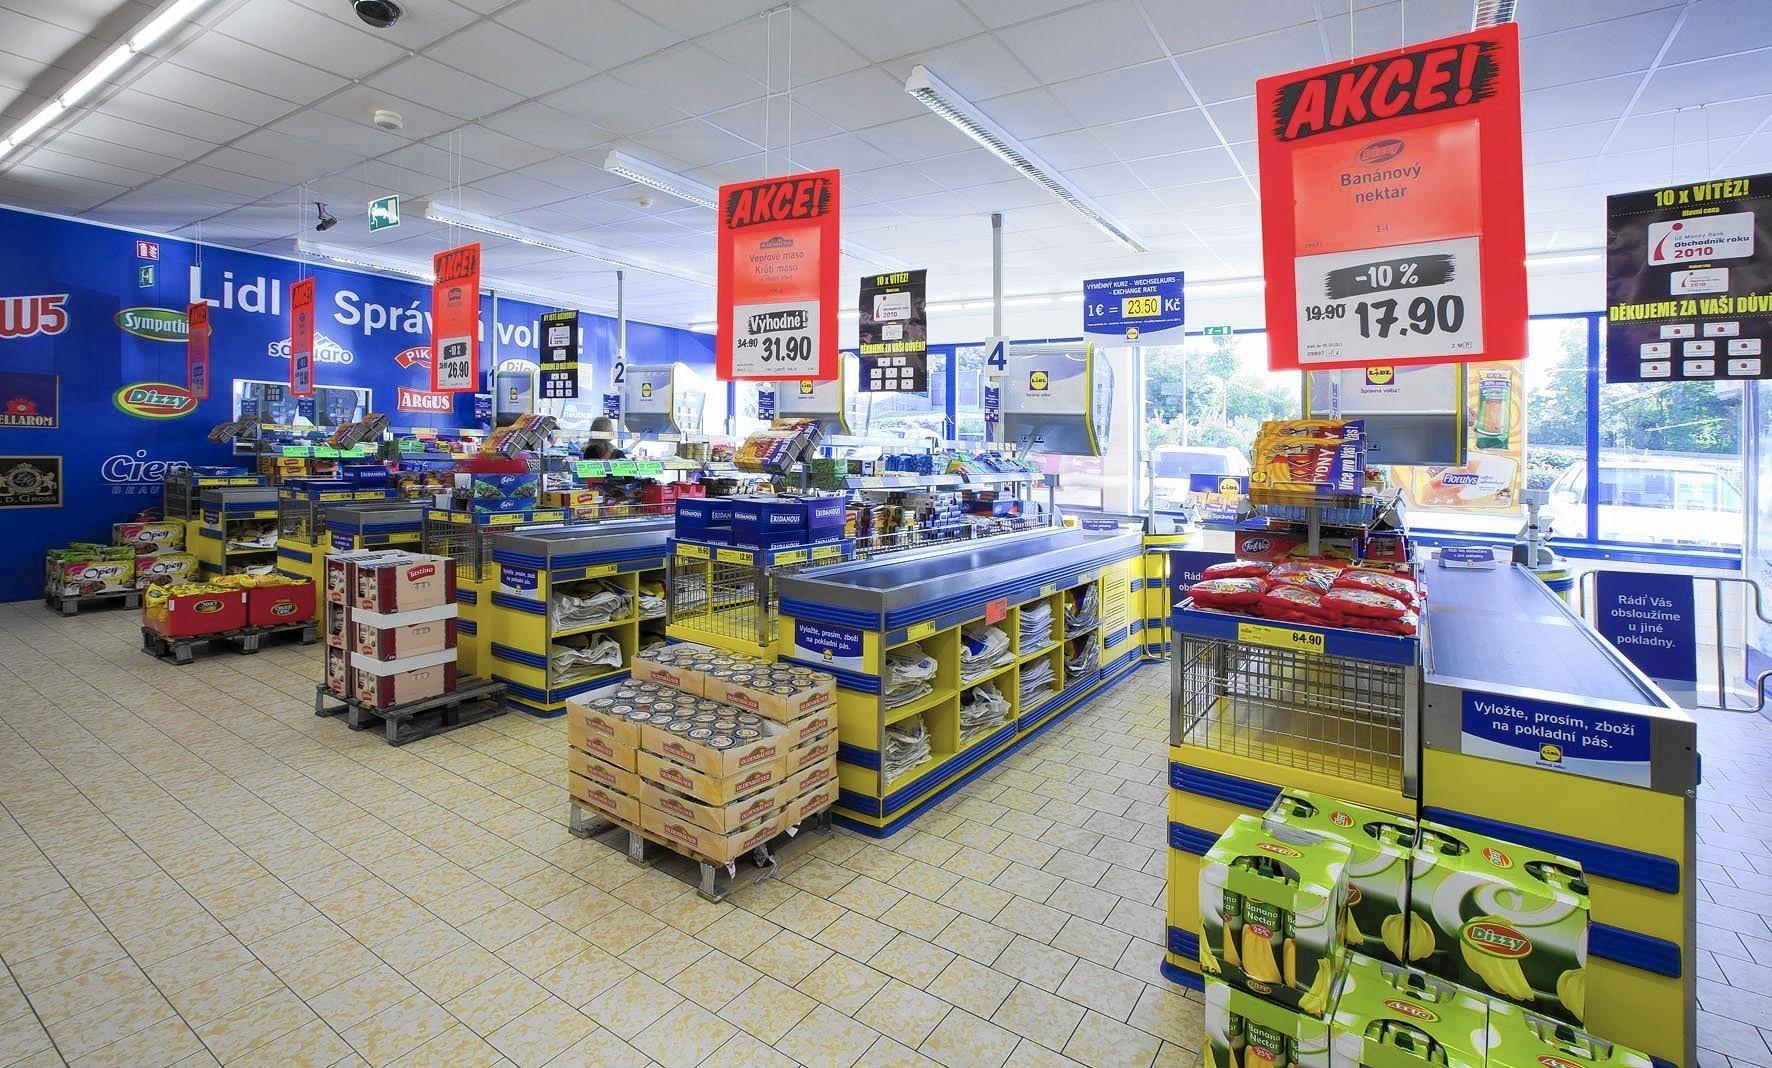 Retailing in Ireland